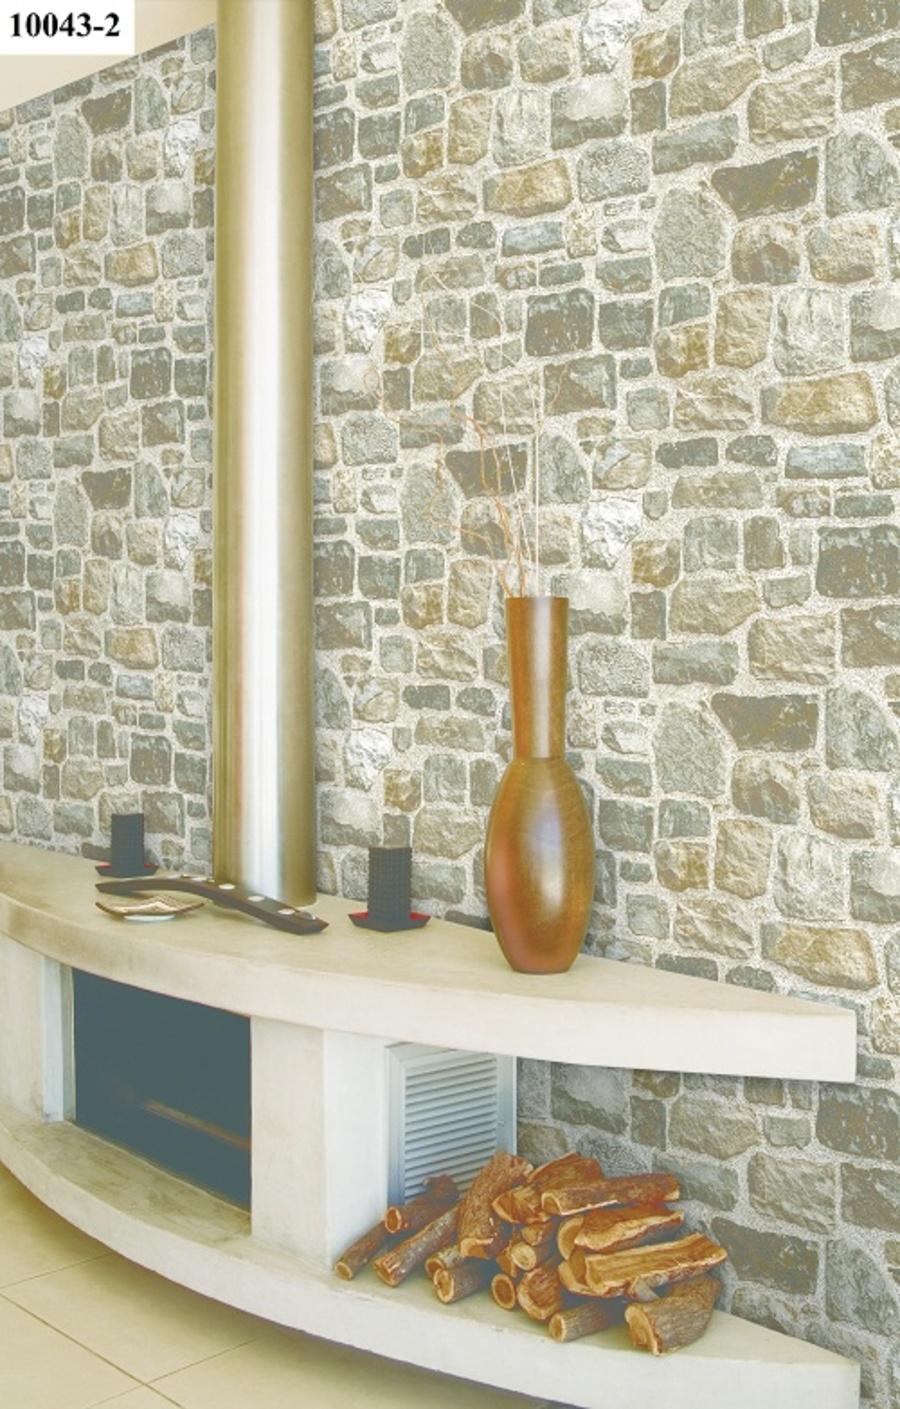 Giấy dán tường giả đá SE 10043-2